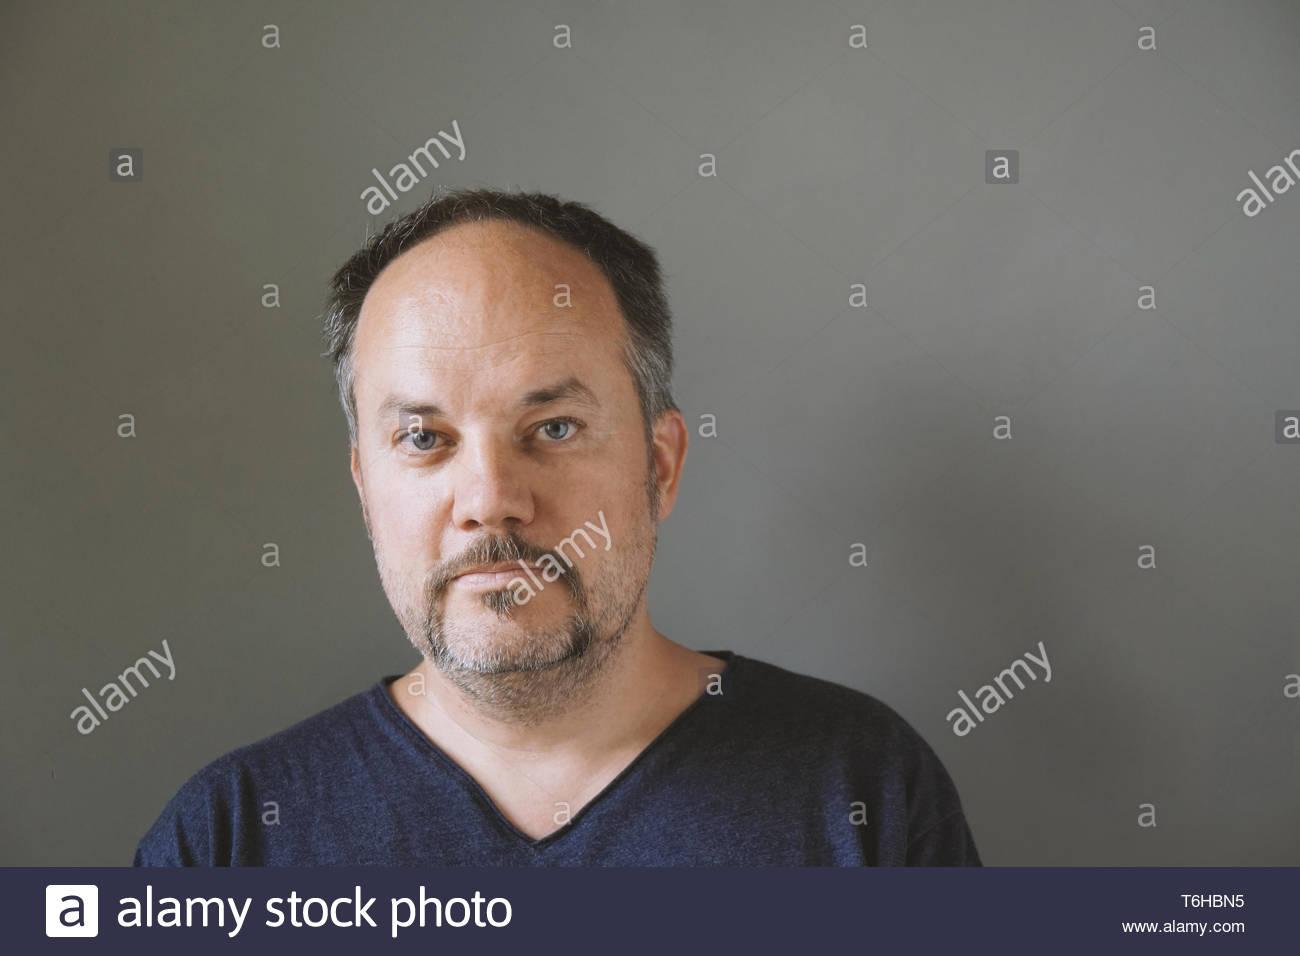 De mediana edad 44 algo hombre con bigote Imagen De Stock